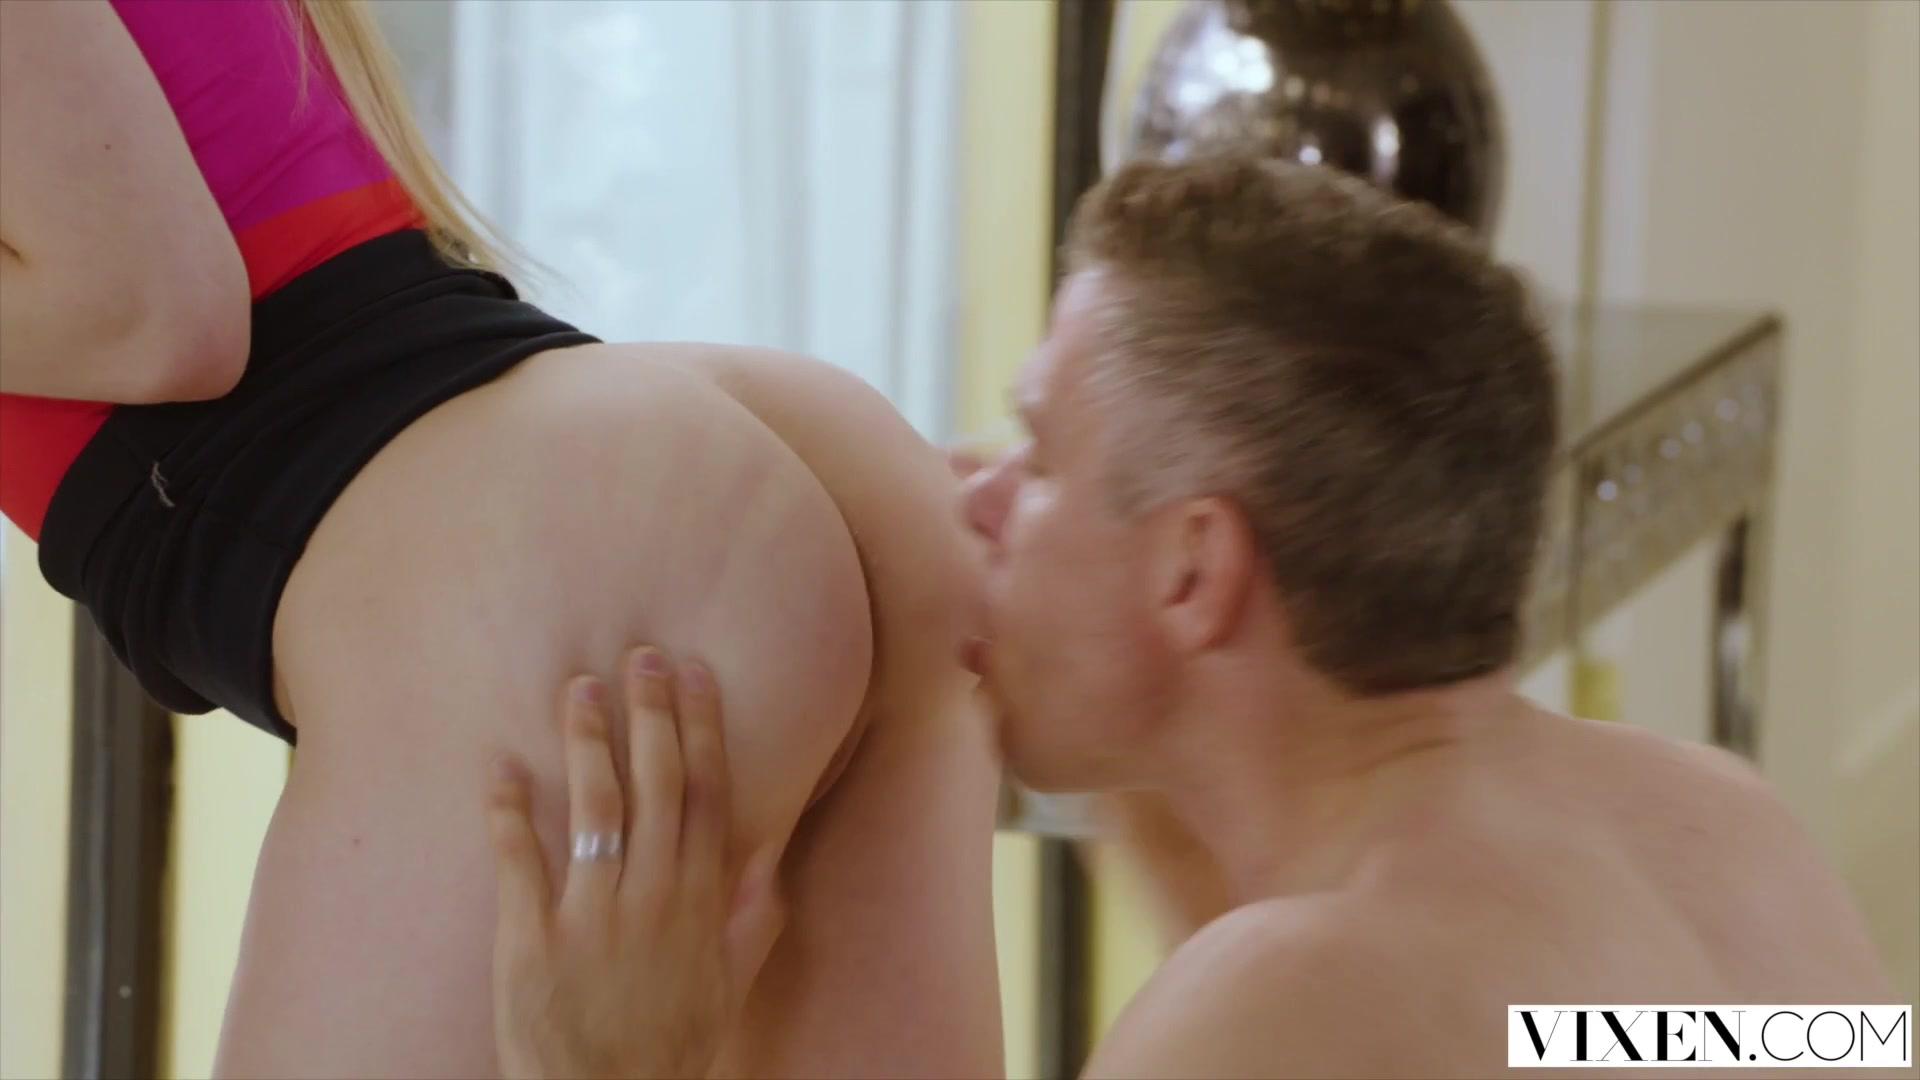 Porn galleries Solaranlage testsieger dating